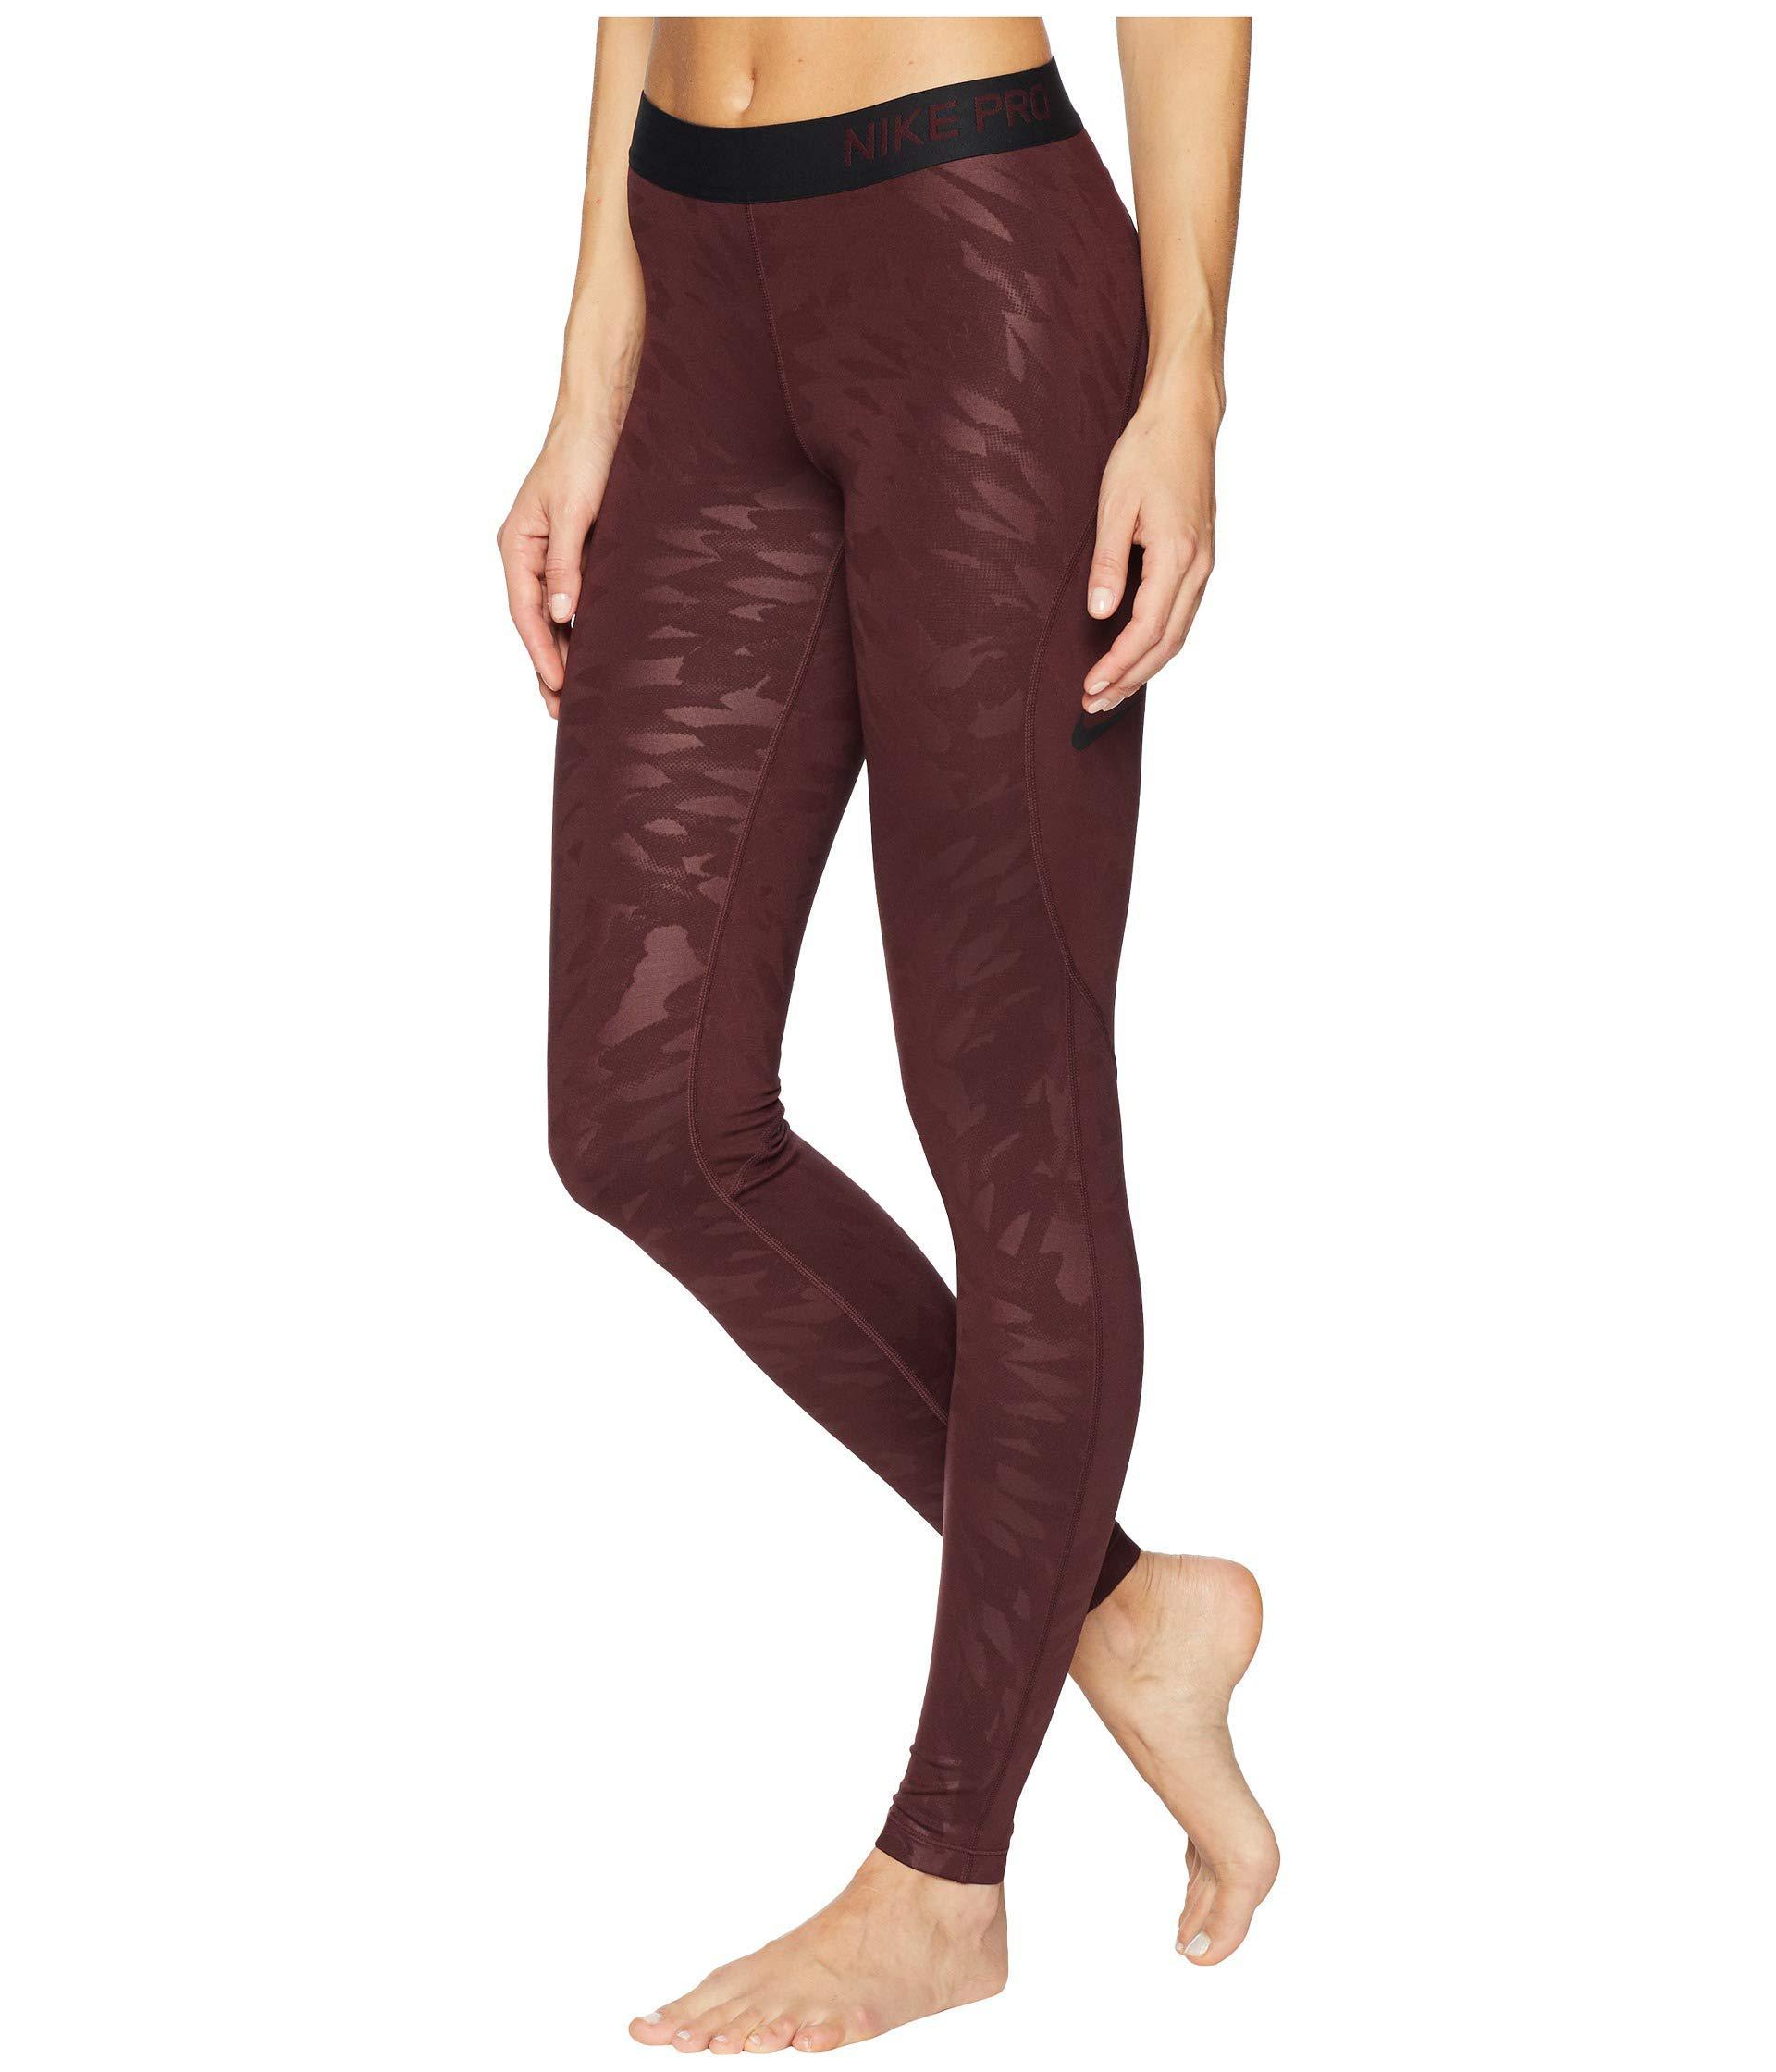 0202ec640ee09 Nike Pro Warm Embossed Wing Tights (burgundy Crush/black) Women's ...